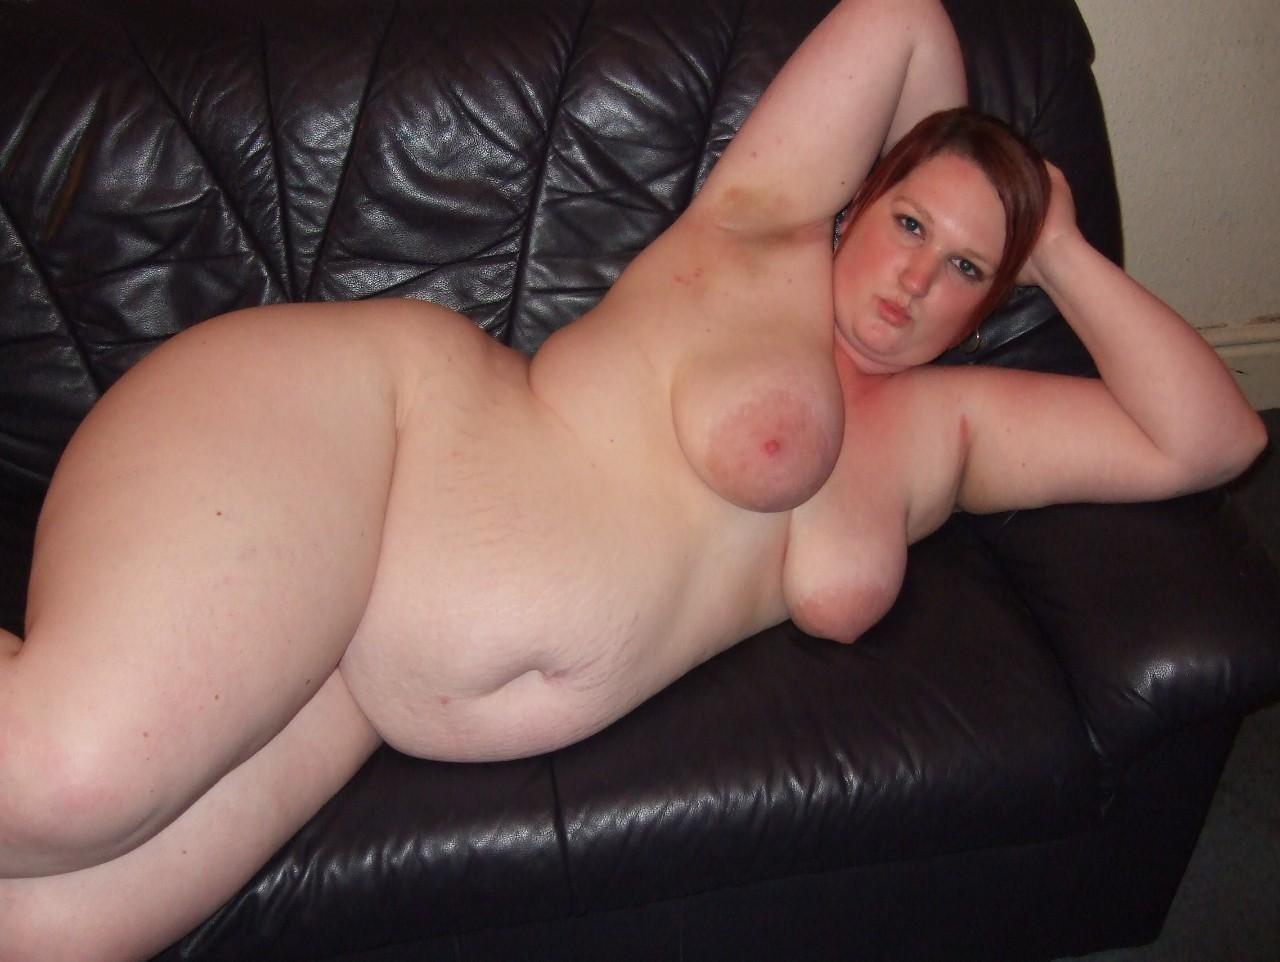 Самые красивые голые пышки, Голые толстушки. Красивые фото голых толстых девушек 6 фотография